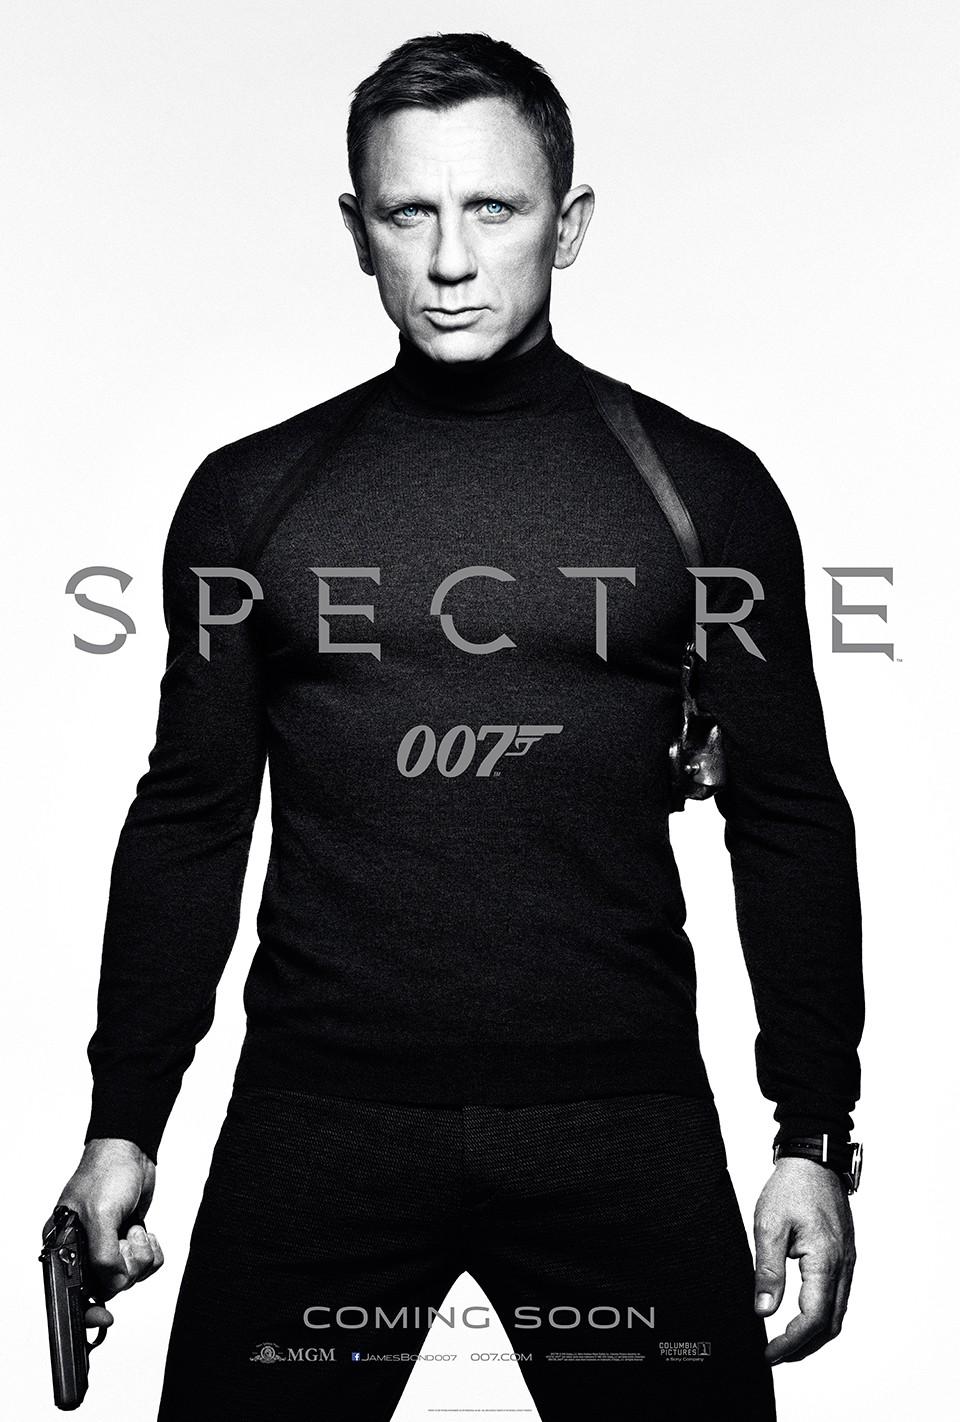 spectre 007 02